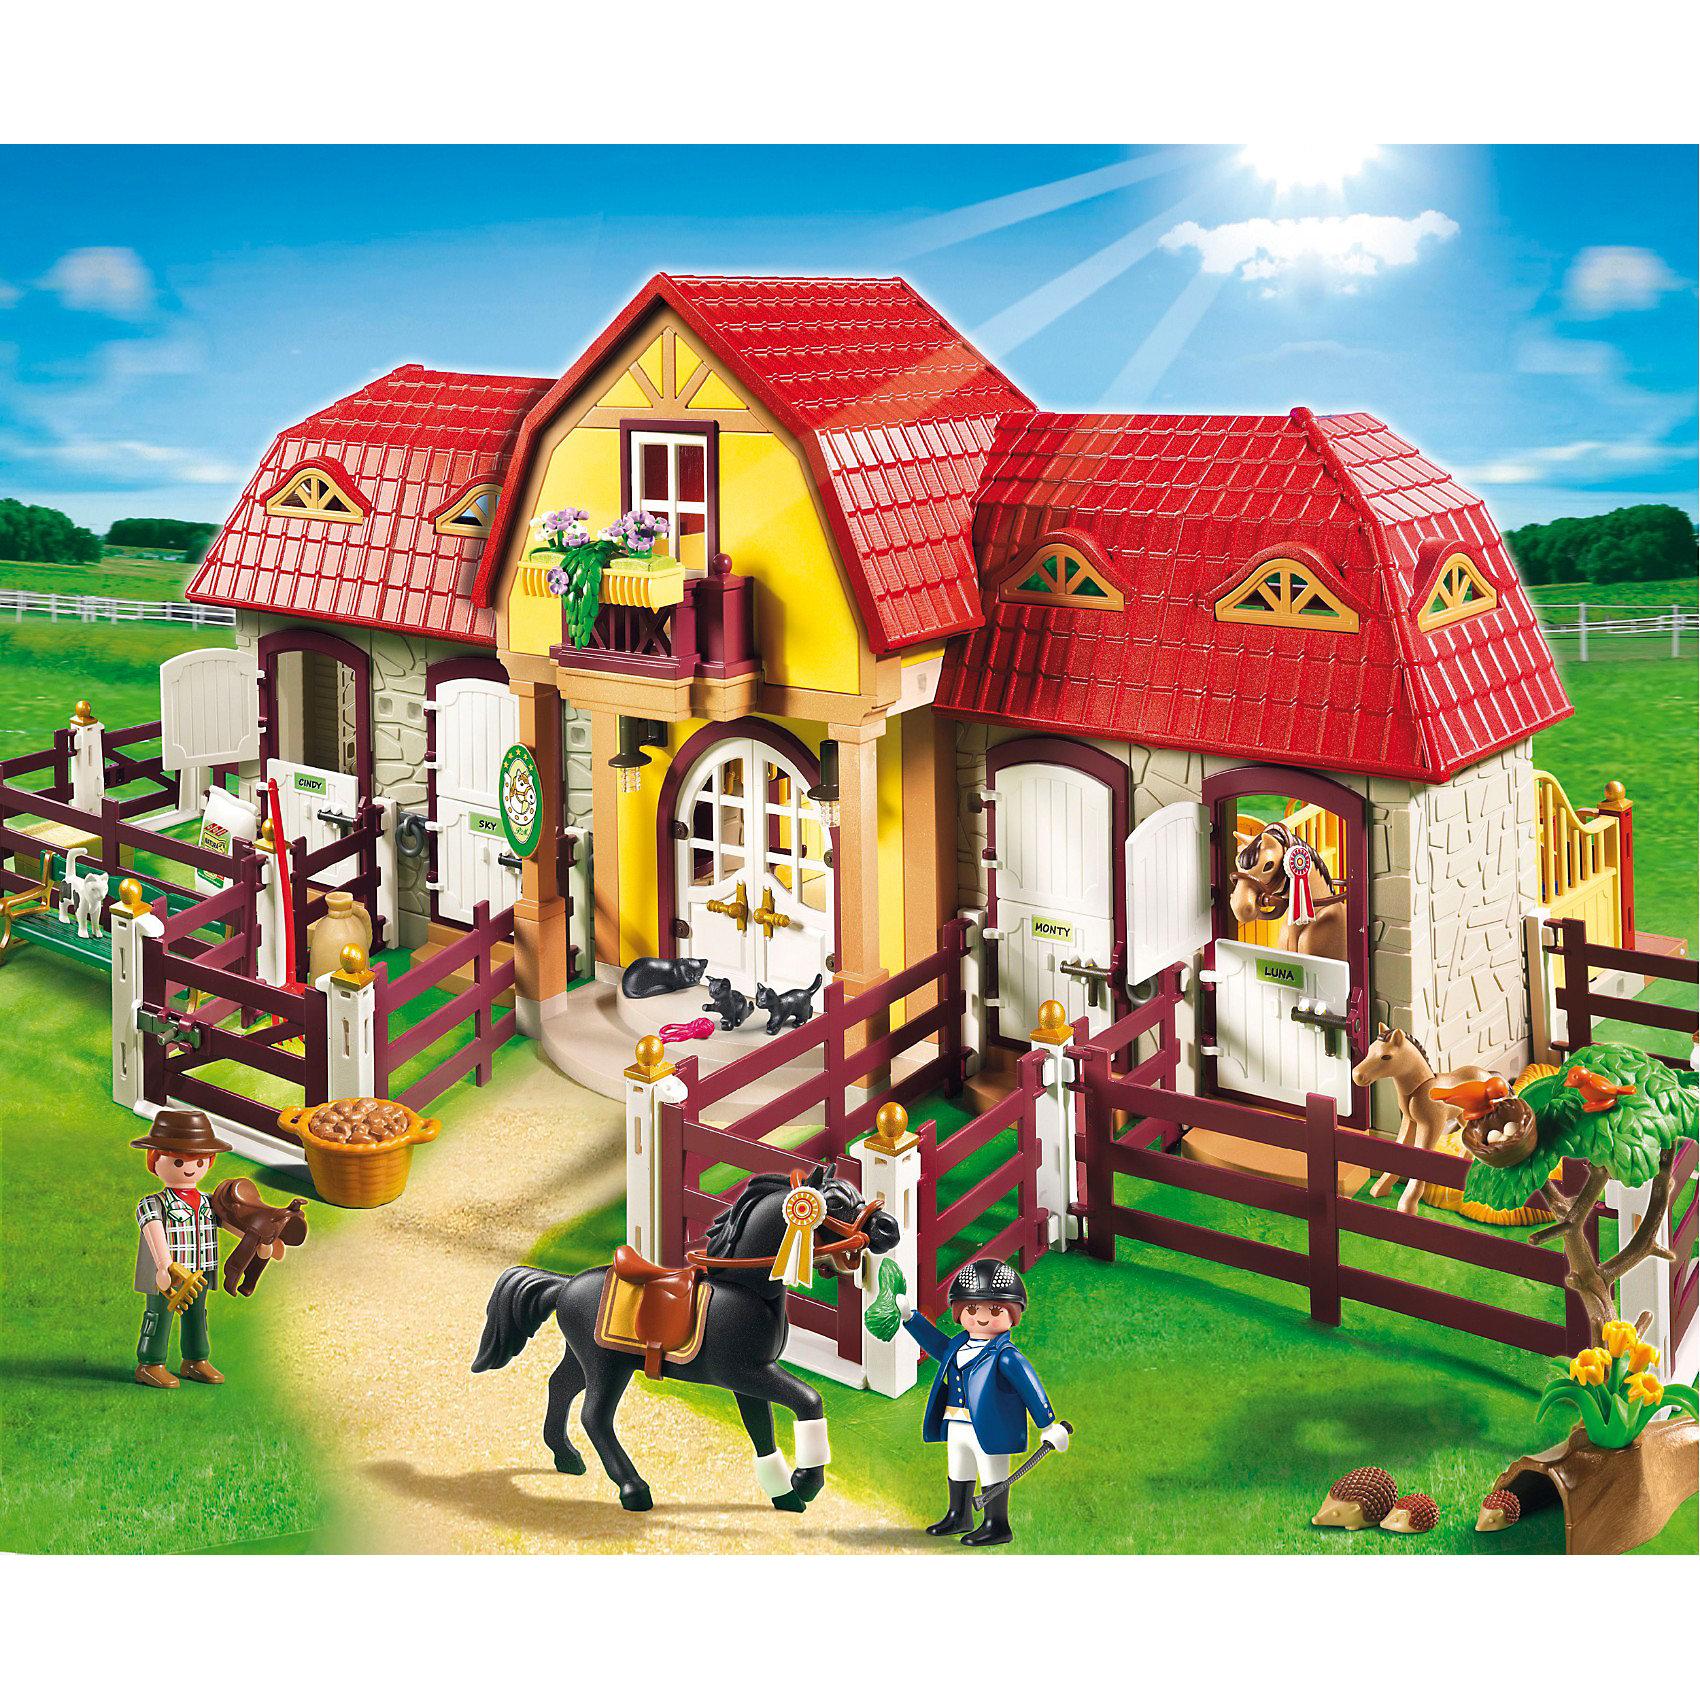 PLAYMOBIL 5221 Лошади: Большая конюшняPlaymobil 5221 Большая конюшня – это превосходный деревенский домик с настоящими загонами для лошадей и небольшим двориком.<br>Этот набор Плеймобил сможет заинтересовать любого малыша, особенно если он любит лошадей и все, что с ними связано. С помощью такого набора с элементами конструктора можно узнать все о жизни лошадей и о уходе за ними.<br>Комплект включает в себя несколько фигурок человечков, 3 фигурки лошадей, животных – кошки, ежики, и множество предметов для уходы за лошадьми. Такой набор увлечет ребенка в игру надолго, поможет представить себя полноценным наездником и подарит массу положительных эмоций. Игровые наборы с элементами конструктора помогут развить мелкую моторику пальцев,  а заданная тематика разовьет воображение и логику. Любой мальчик будет рад такому подарку.<br><br>Состав:<br><br>Люди:<br>Женщина, мужчина. <br><br>Зверушки:<br>Арабская и немецкая спортивная лошадка с жеребенком, 2 кошки, 2 котенка, птица, еж, 2 младенца ежика. <br><br>Аксессуары:<br><br>Конюшня, 12 элементов забора, 18 соединительных элементов забора, дерево, солома в тюках, 4 пучка травы, яблоко, 2-морковь, ведро с травой, корзина с картошкой, 2 мешка, птичье гнездо, тачка, 2 кружки, 1 горшок, лопата, вилы, ухват, метла, 3 седла, сумка, шляпа, кепка для верховой езды, скамейка. <br><br>Четыре стойла для лошадей в конюшне и сеновал. Седла и аксессуары для верховой езды укладываются на крючки и полки на стенах при входе. Этикетки для маркировки именами лошадей.<br><br>Дополнительная информация:<br><br>- общее количество деталей: 486 шт.<br>- материал: пластик.<br>- фигурки людей могут нагибаться, двигать руками и головой.<br>- рост фигурок людей 7.5 см.<br>- размеры игрушки: 75 х 46 х 29 см.  <br>- размеры коробки: 60х50х15 см. <br>- вес: 4,1 кг.<br><br>Большую конюшню от PLAYMOBIL 5221 можно купить в нашем интернет-магазине.<br><br>Ширина мм: 595<br>Глубина мм: 502<br>Высота мм: 153<br>Вес г: 3970<br>Возраст от месяцев: 60<br>Возраст д